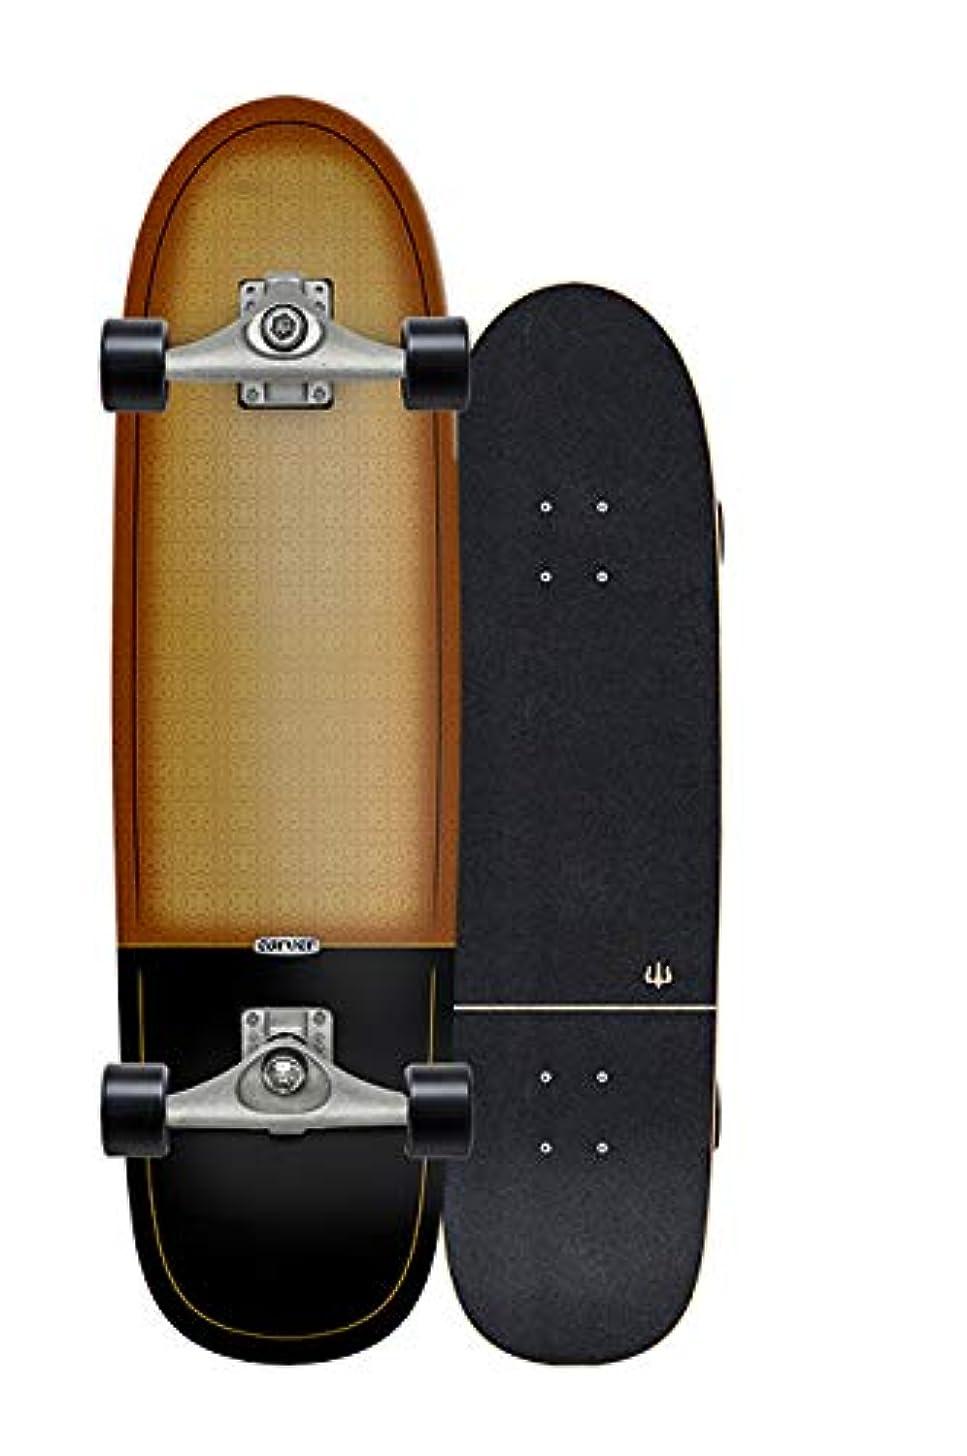 毒絶対のイタリックCARVER(カーバー)スケートボード 日本正規品 BELAIR ベルエア 32.25インチ  C5トラックコンプリート